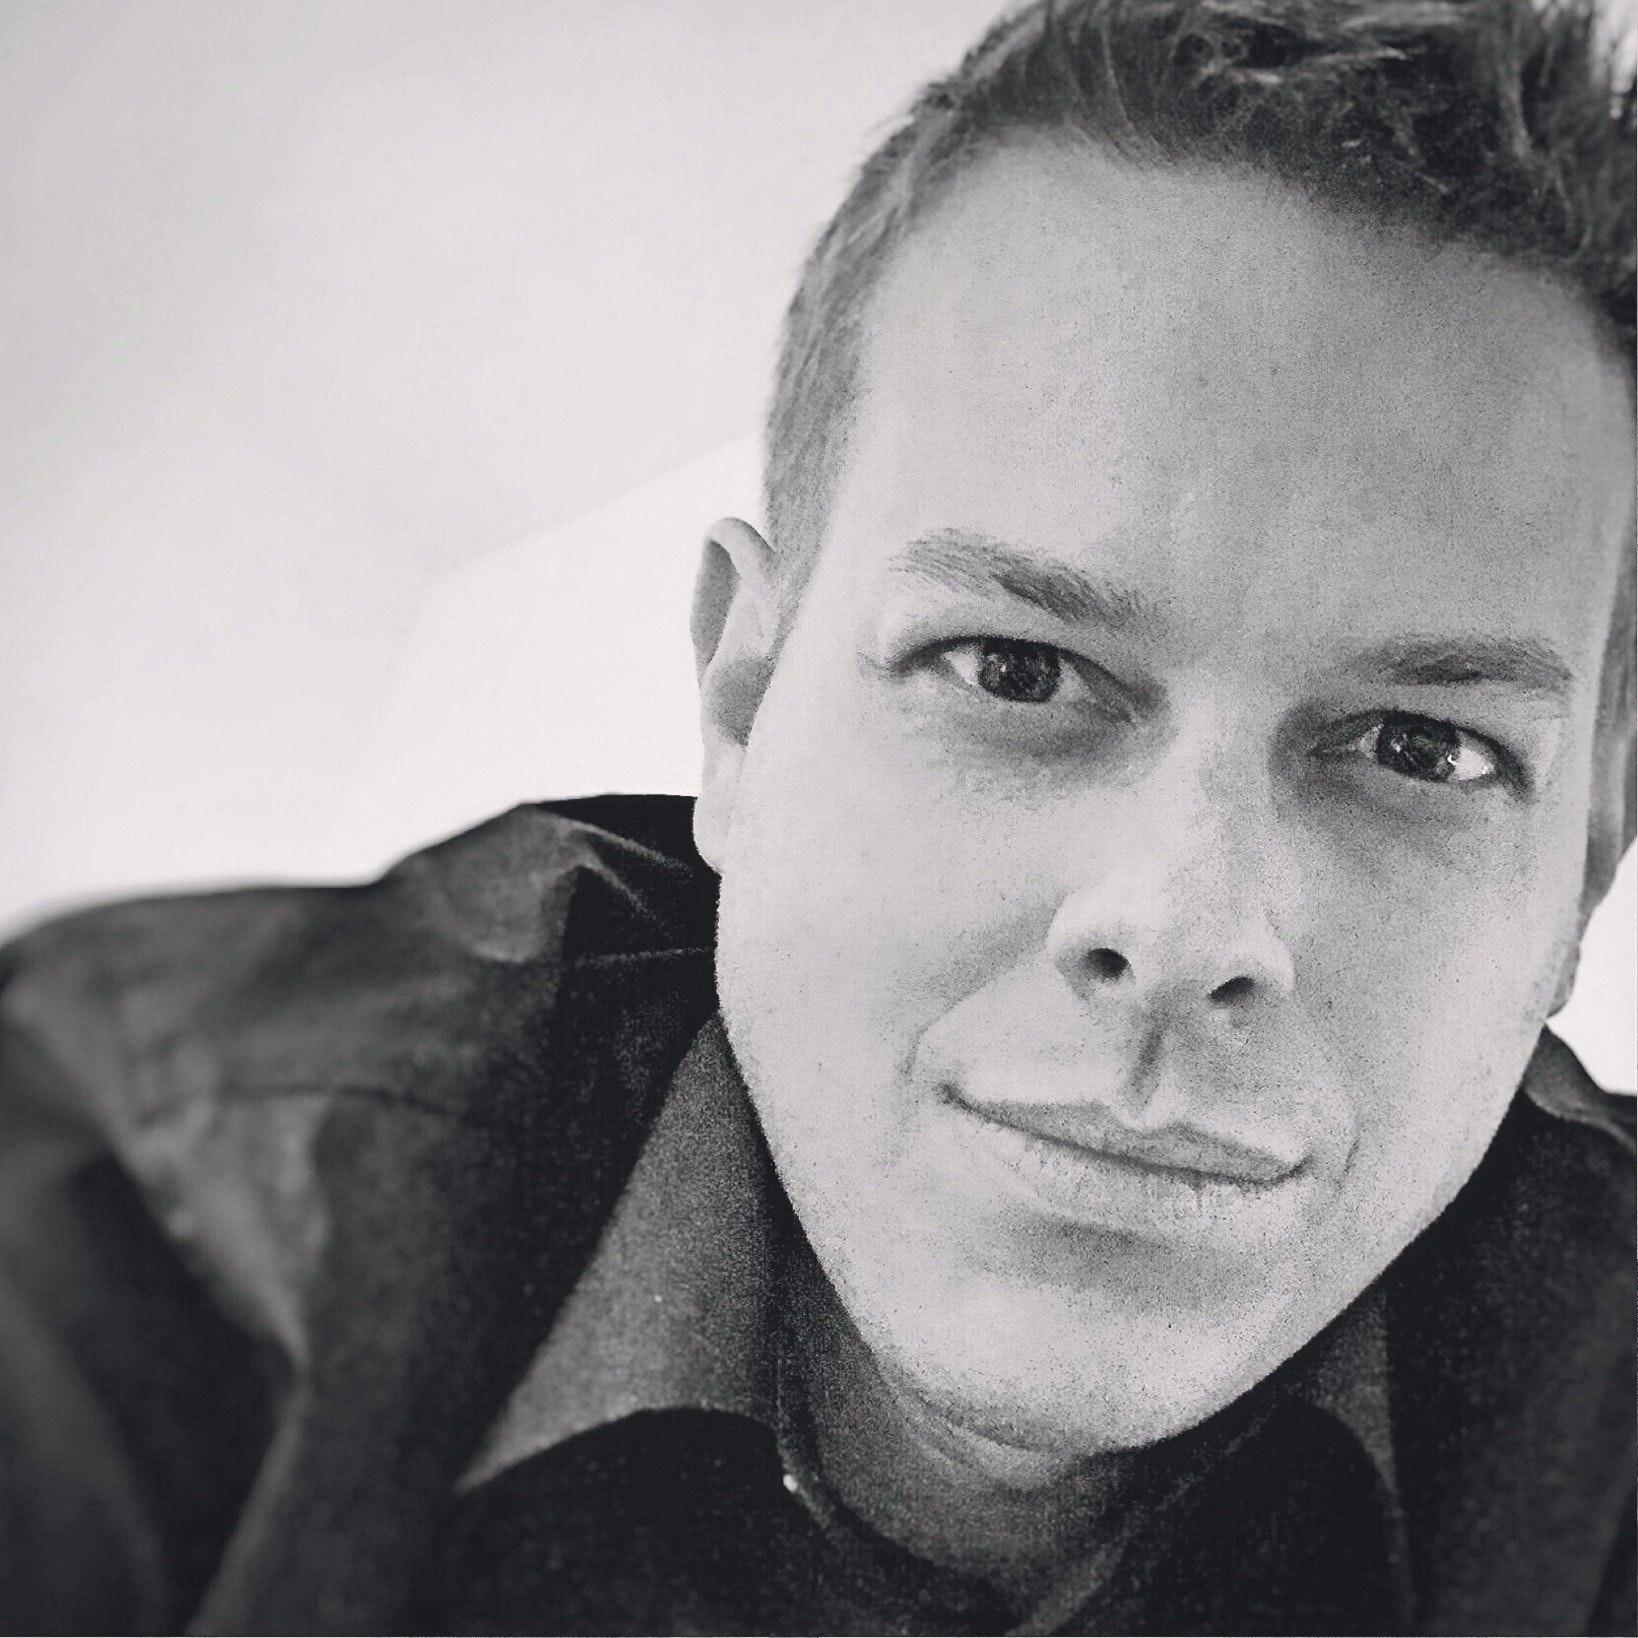 Stefan M. Kudwien